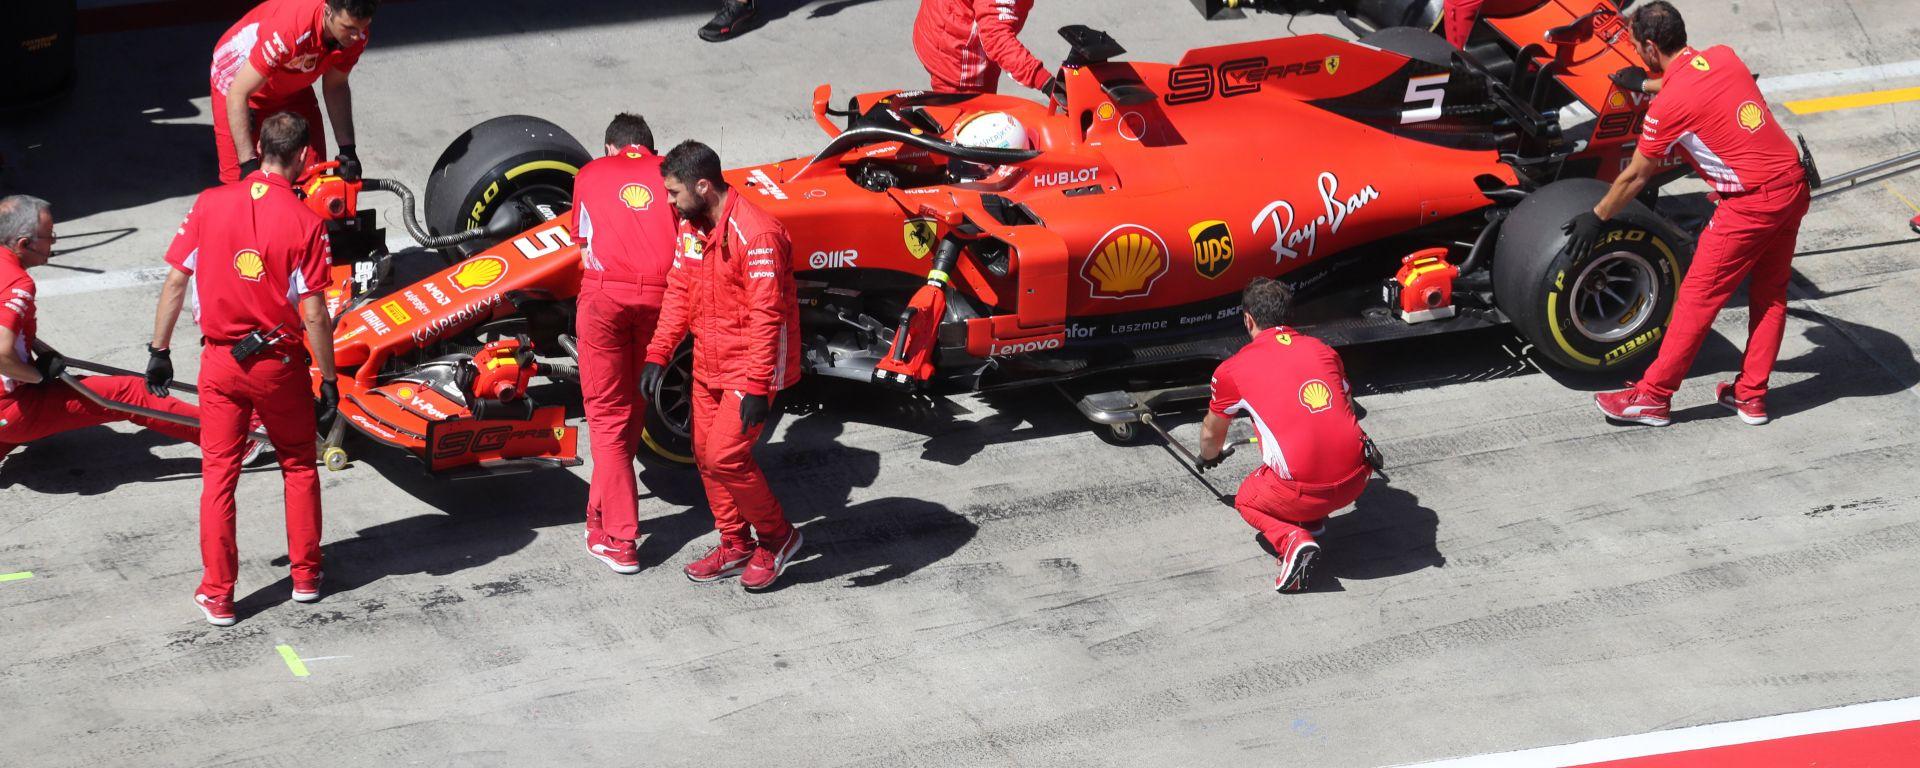 F1 GP Austria 2019, Vettel rientra ai box dopo il primo tentativo in Q2